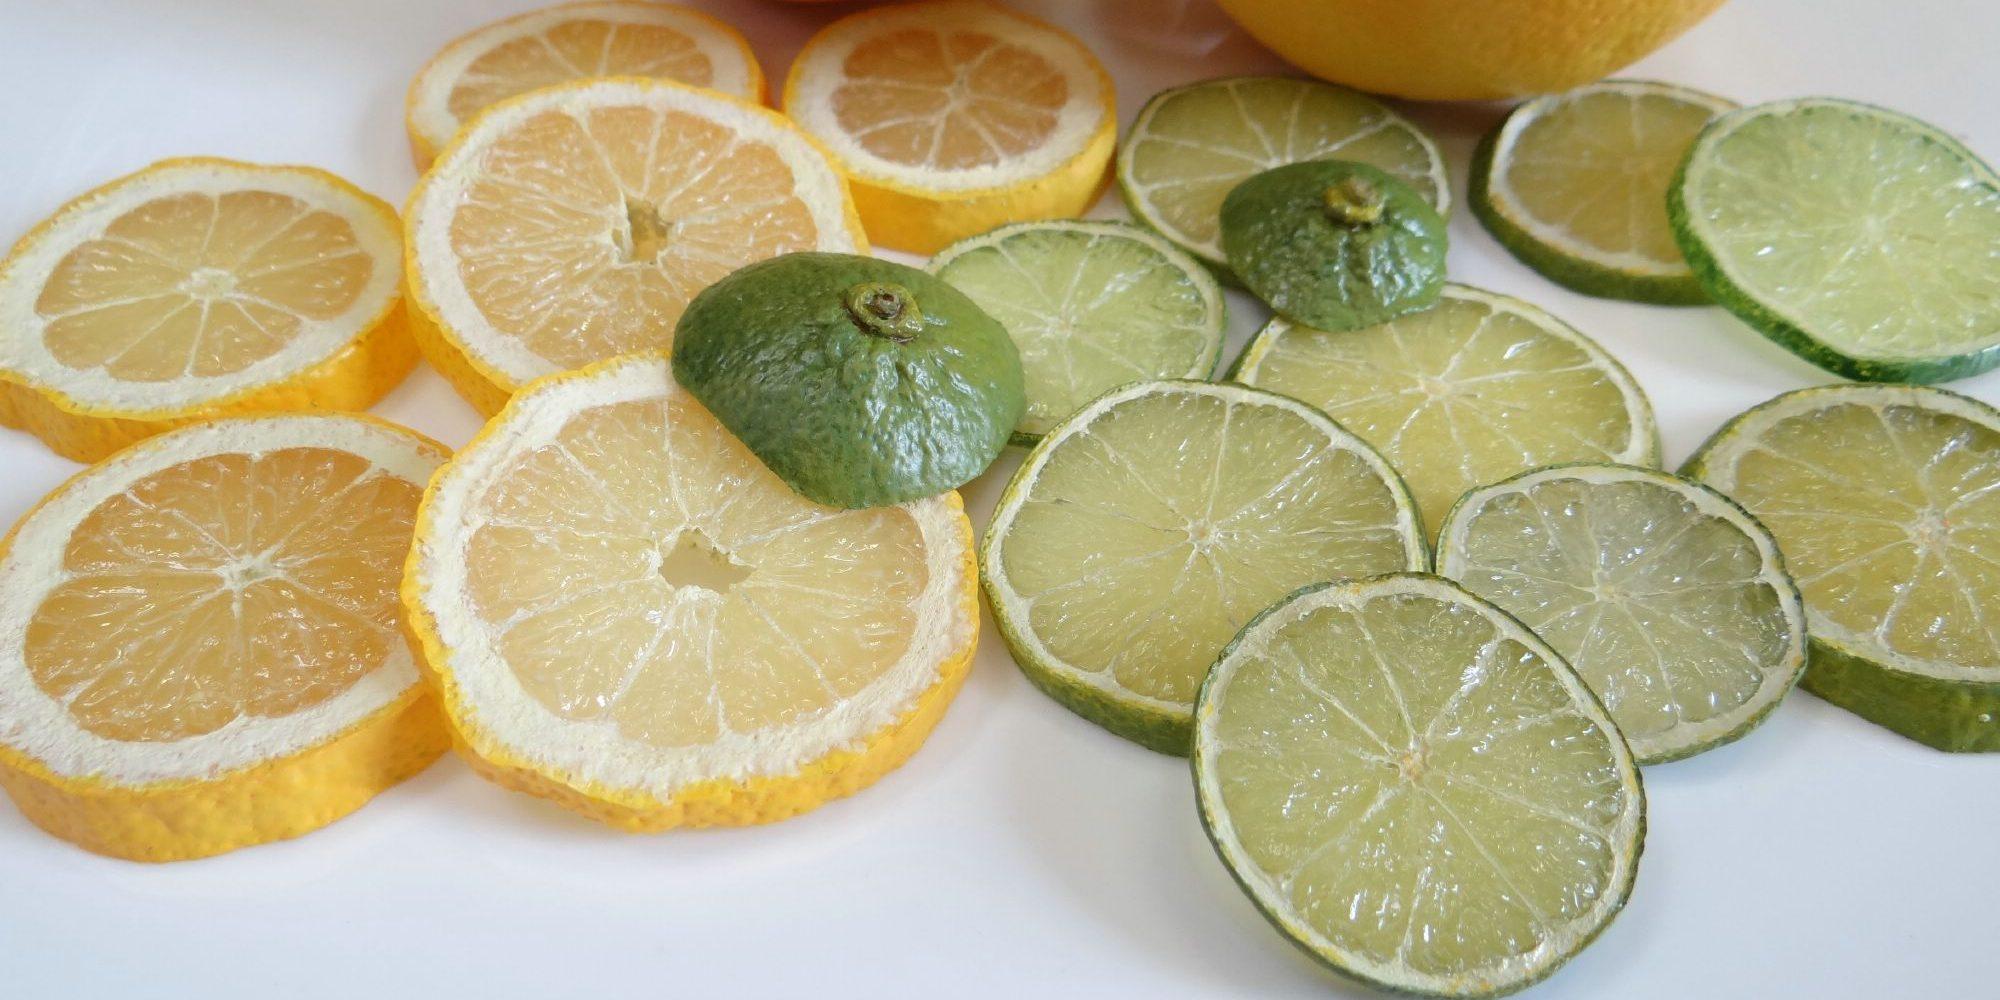 fausses rondelles de citron déco factices alimentaires en résine. Citrons jaune et vert et pamplemousse